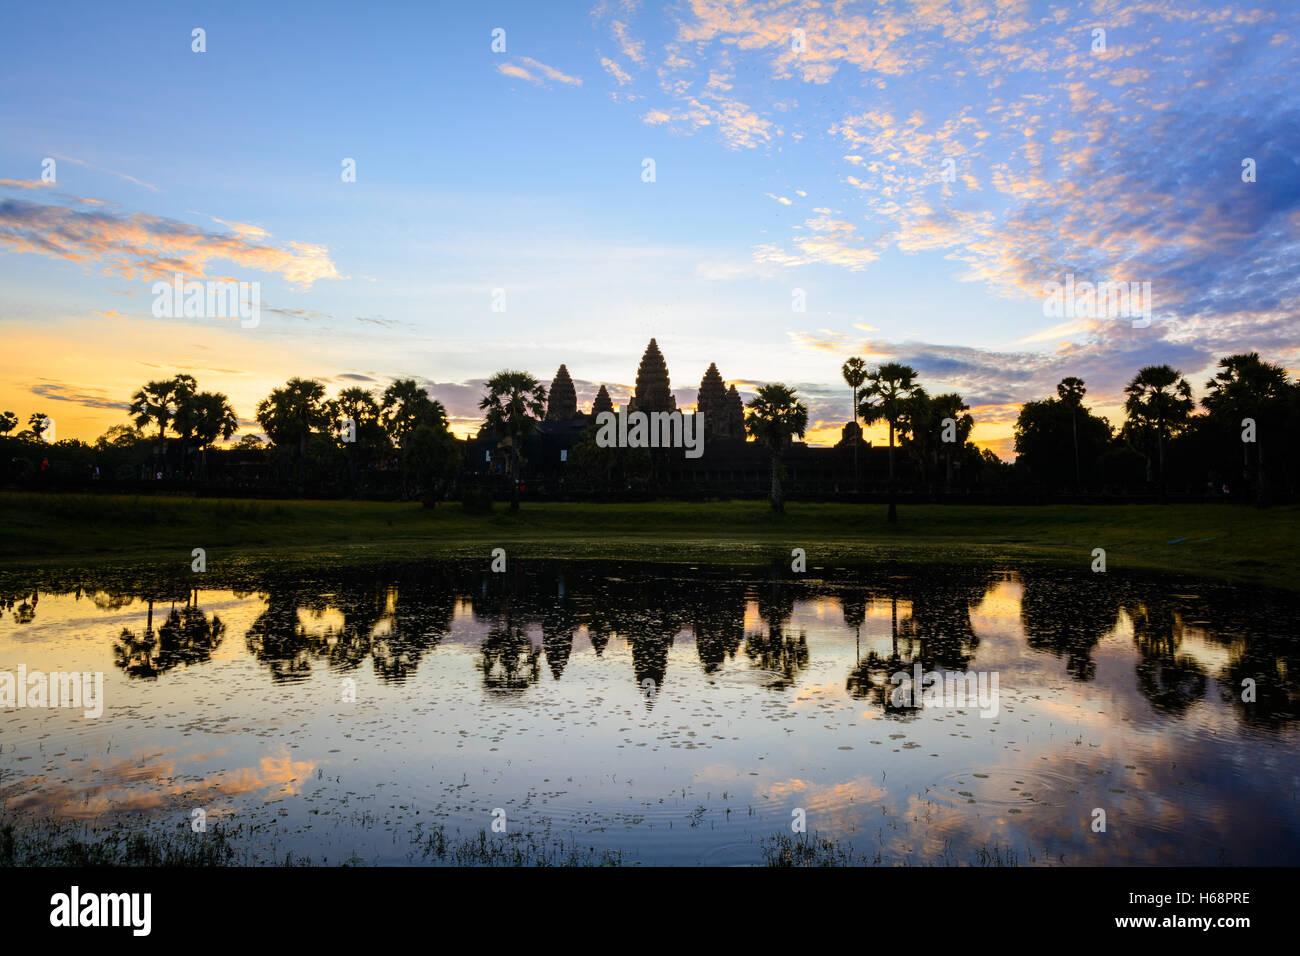 Angkor Wat Sunrise Landscape - Reflection in holy lake - Stock Image